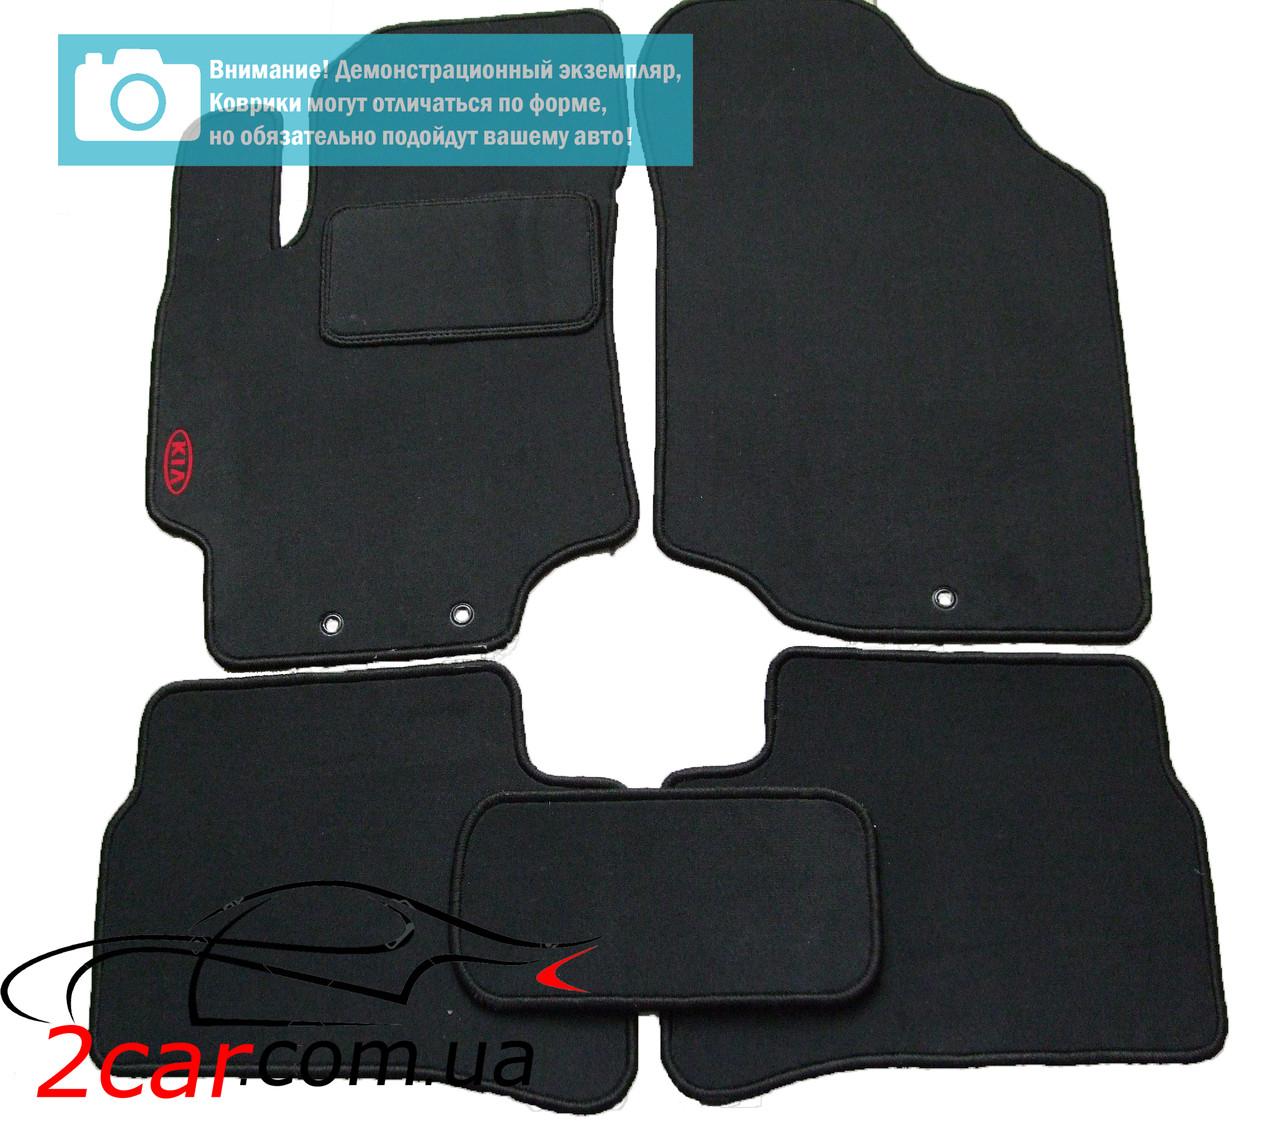 Текстильные коврики в салон для Opel Omega A (1986-1993) (чёрный) (Sti